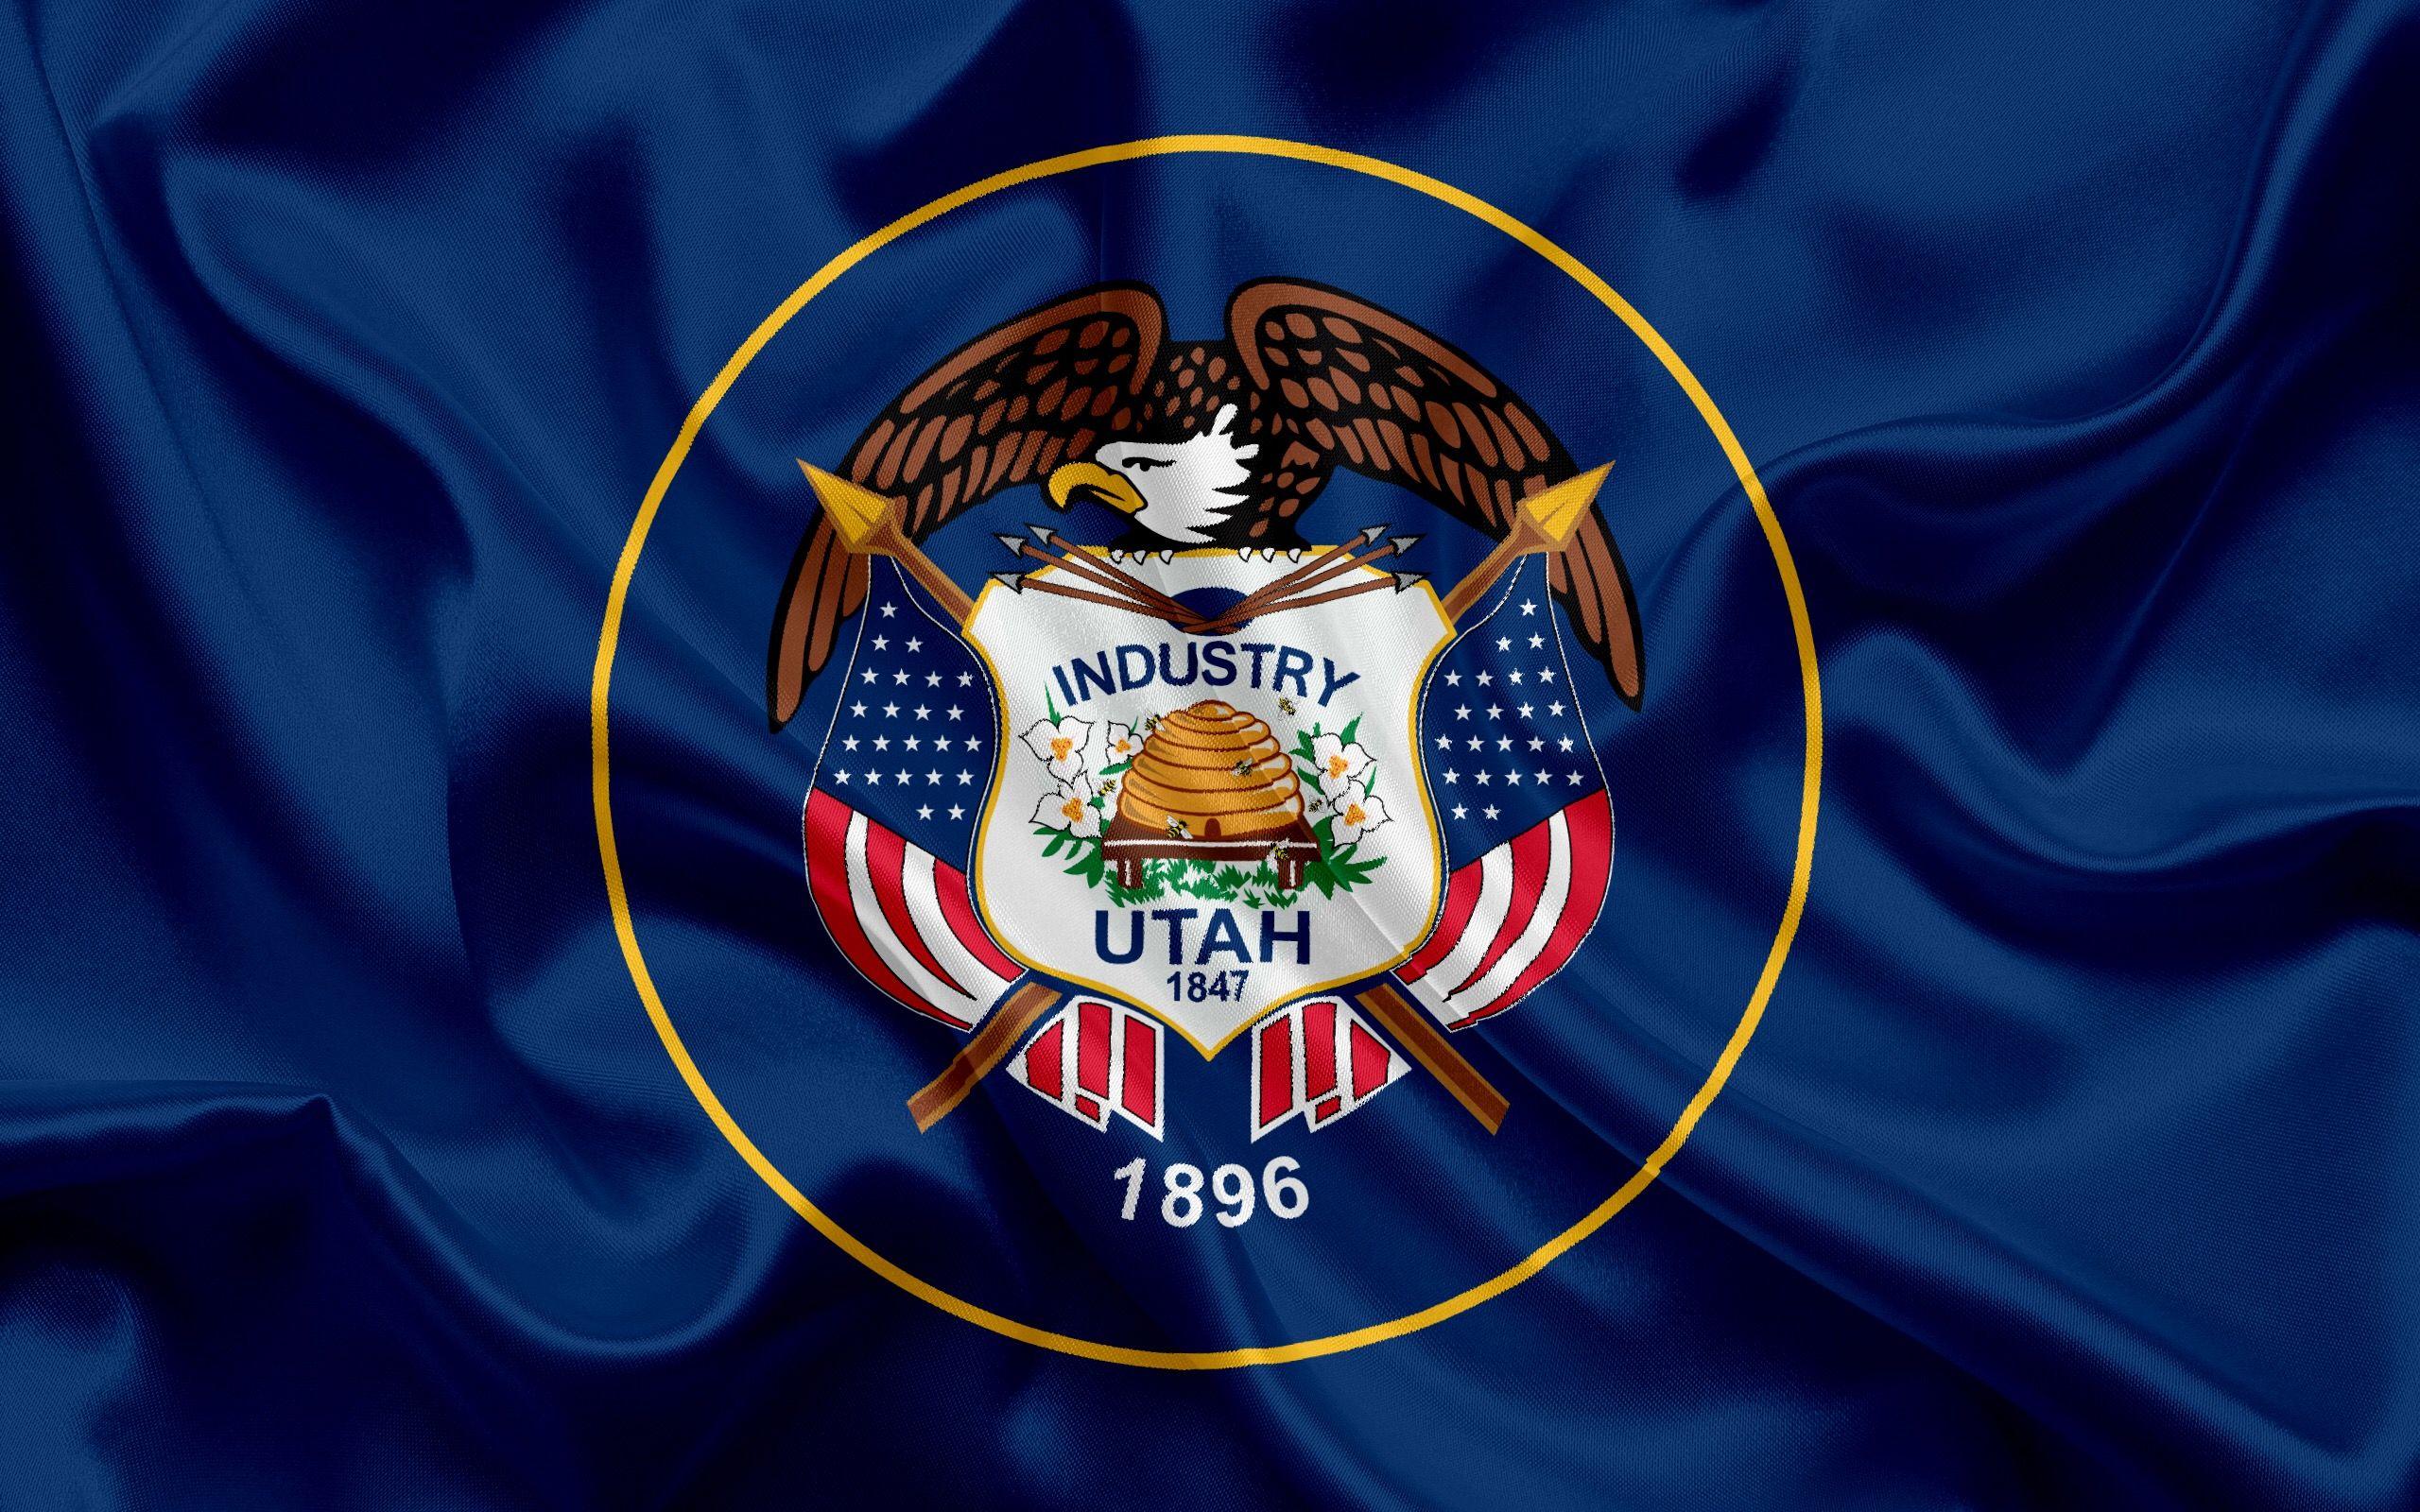 Столица СолтЛейкСити; Код UT; Регион Запад Юта